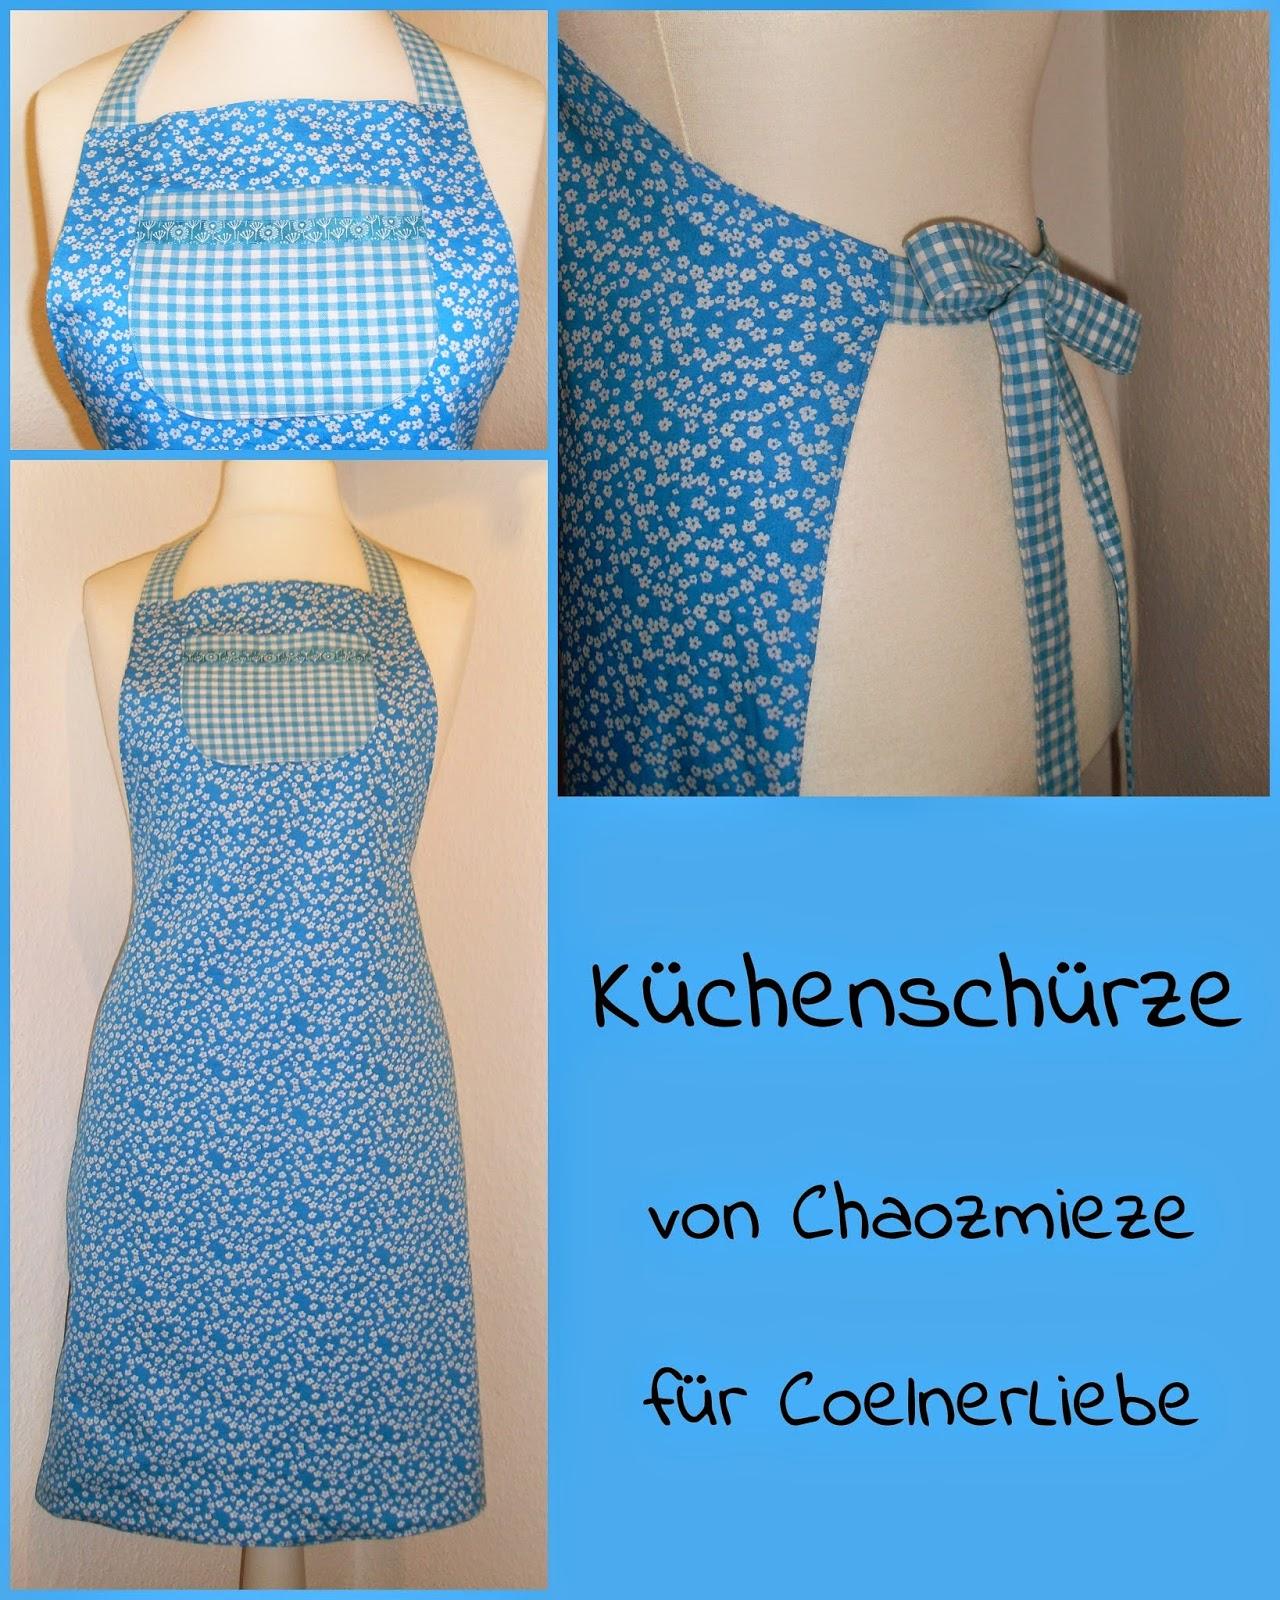 http://chaozmieze.blogspot.de/2014/12/probenahen-und-weihnachtsgeschenke.html